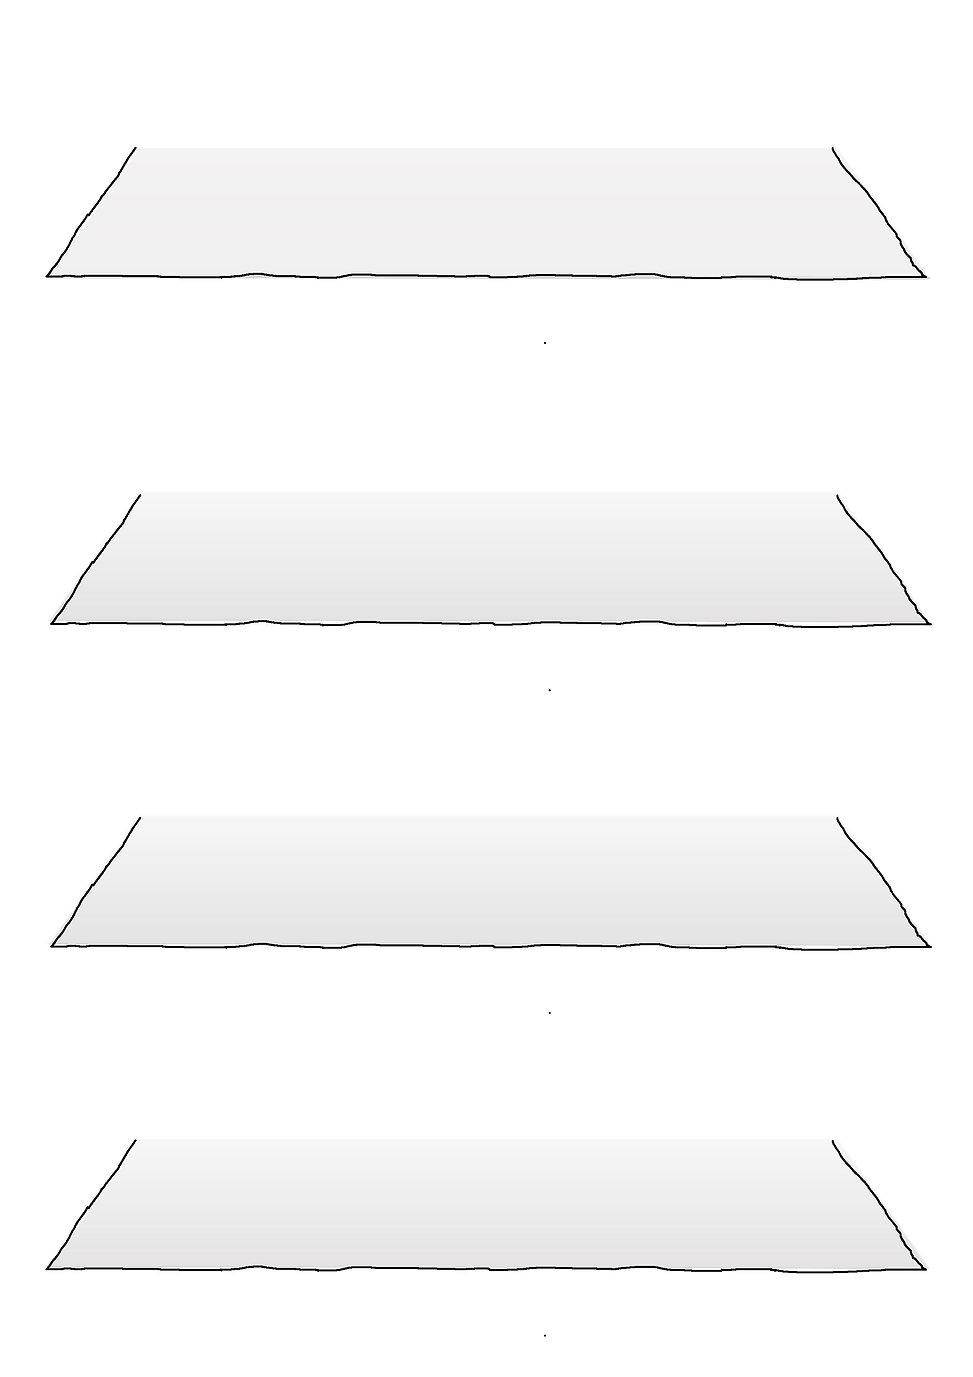 set-of-shelves.jpg